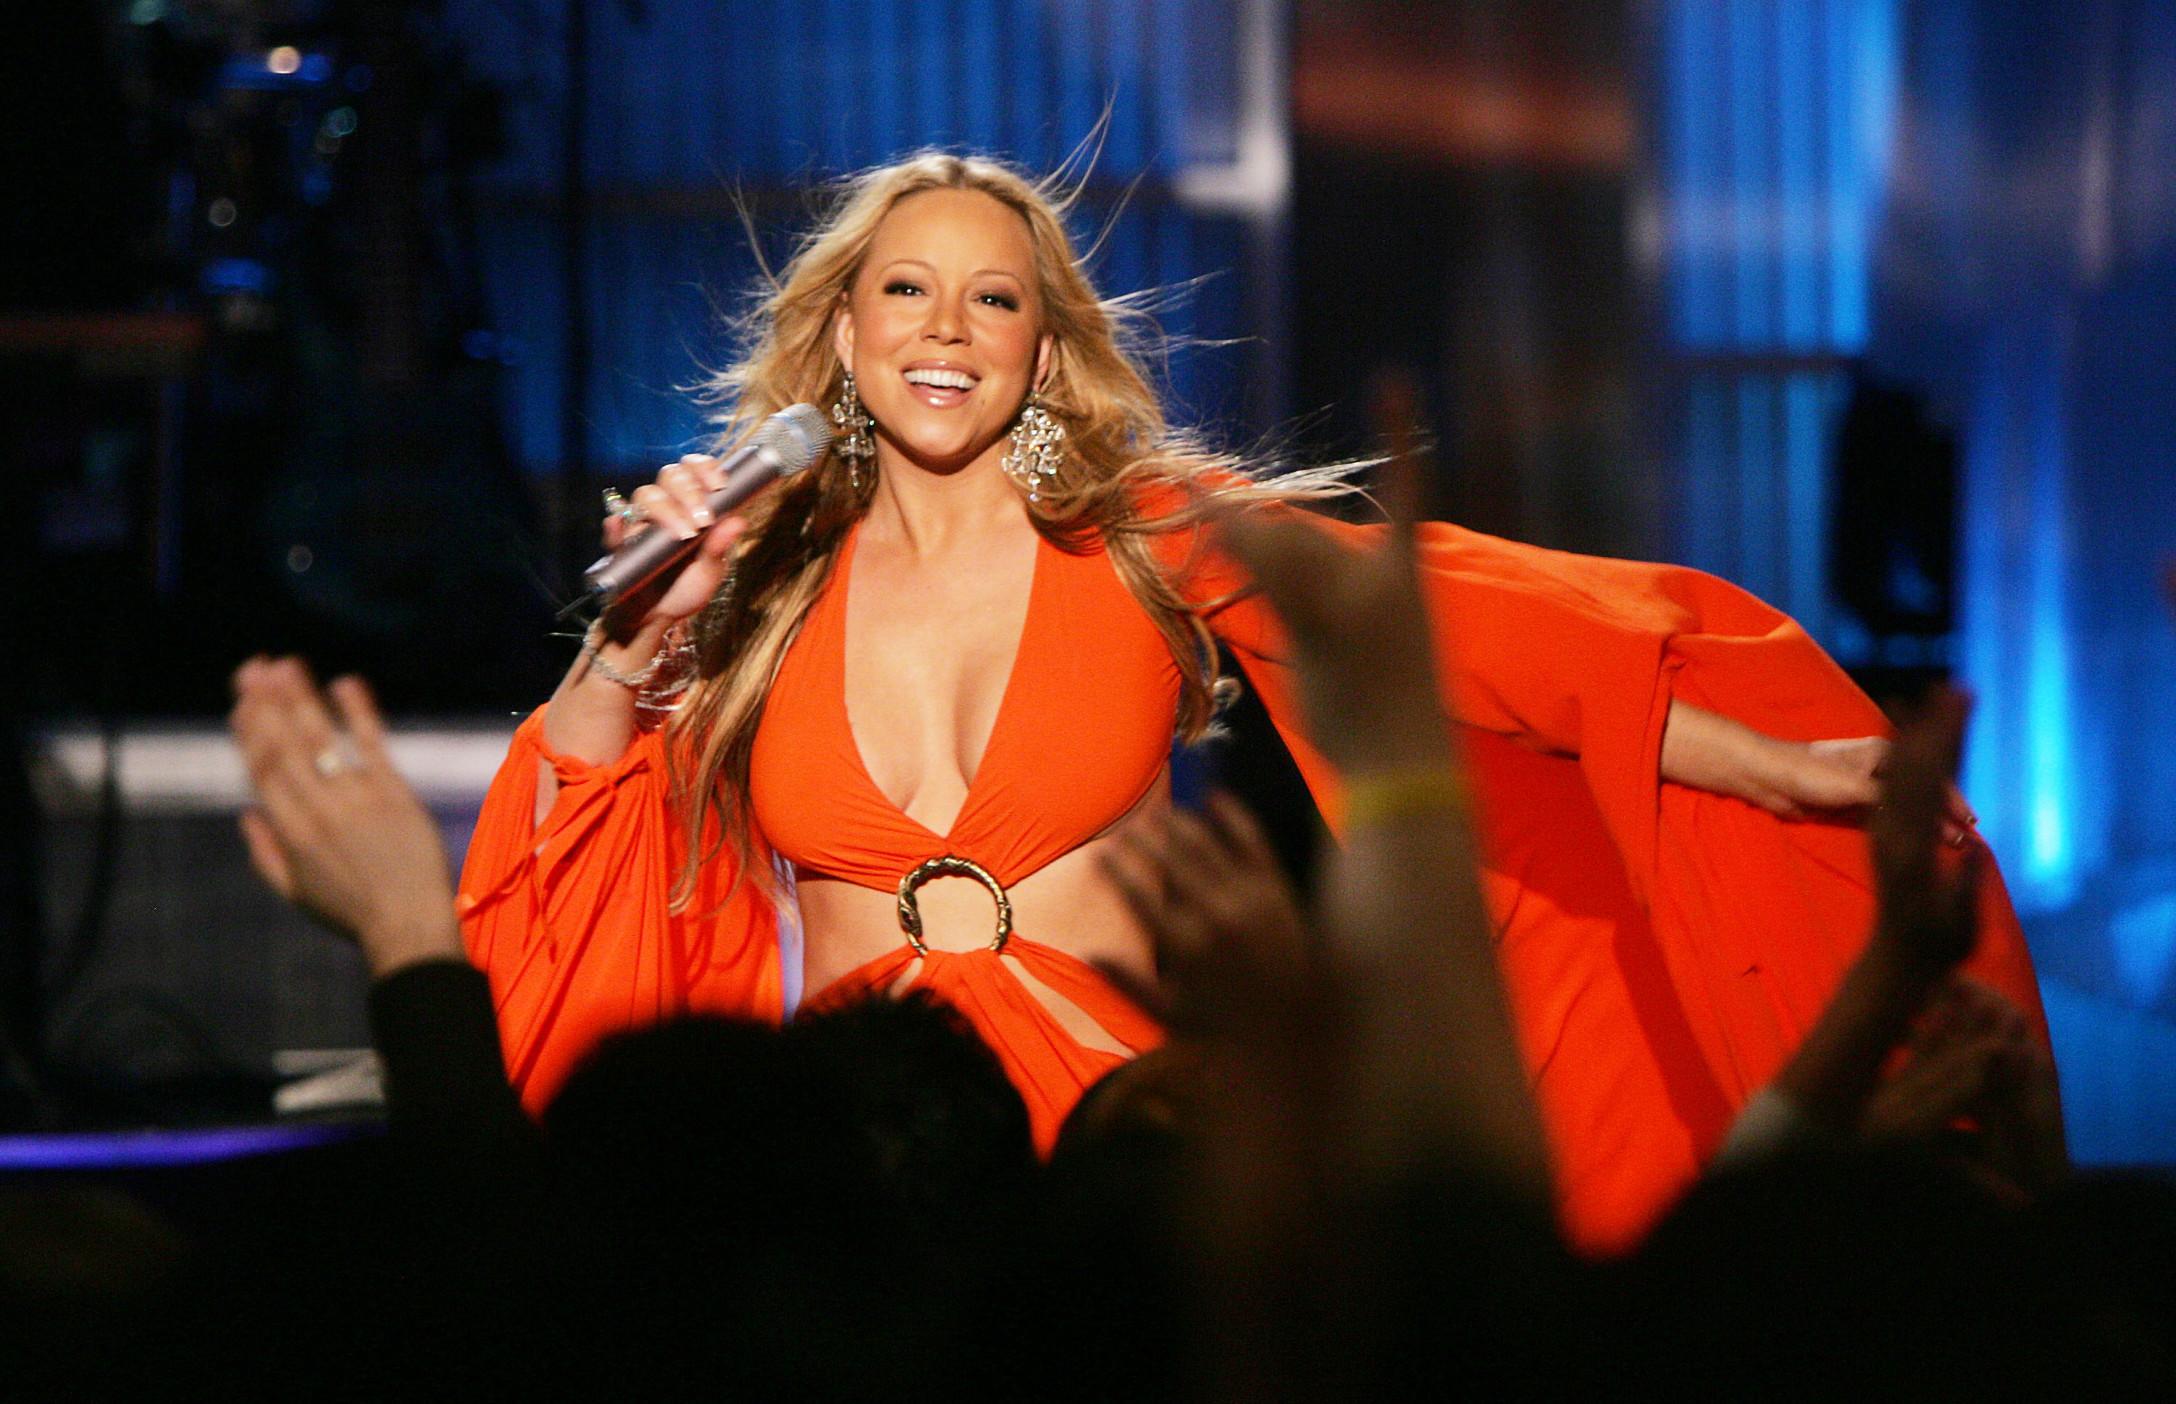 Mariah Carey's Mini-Me Daughter Monroe Makes Her Modeling Debut